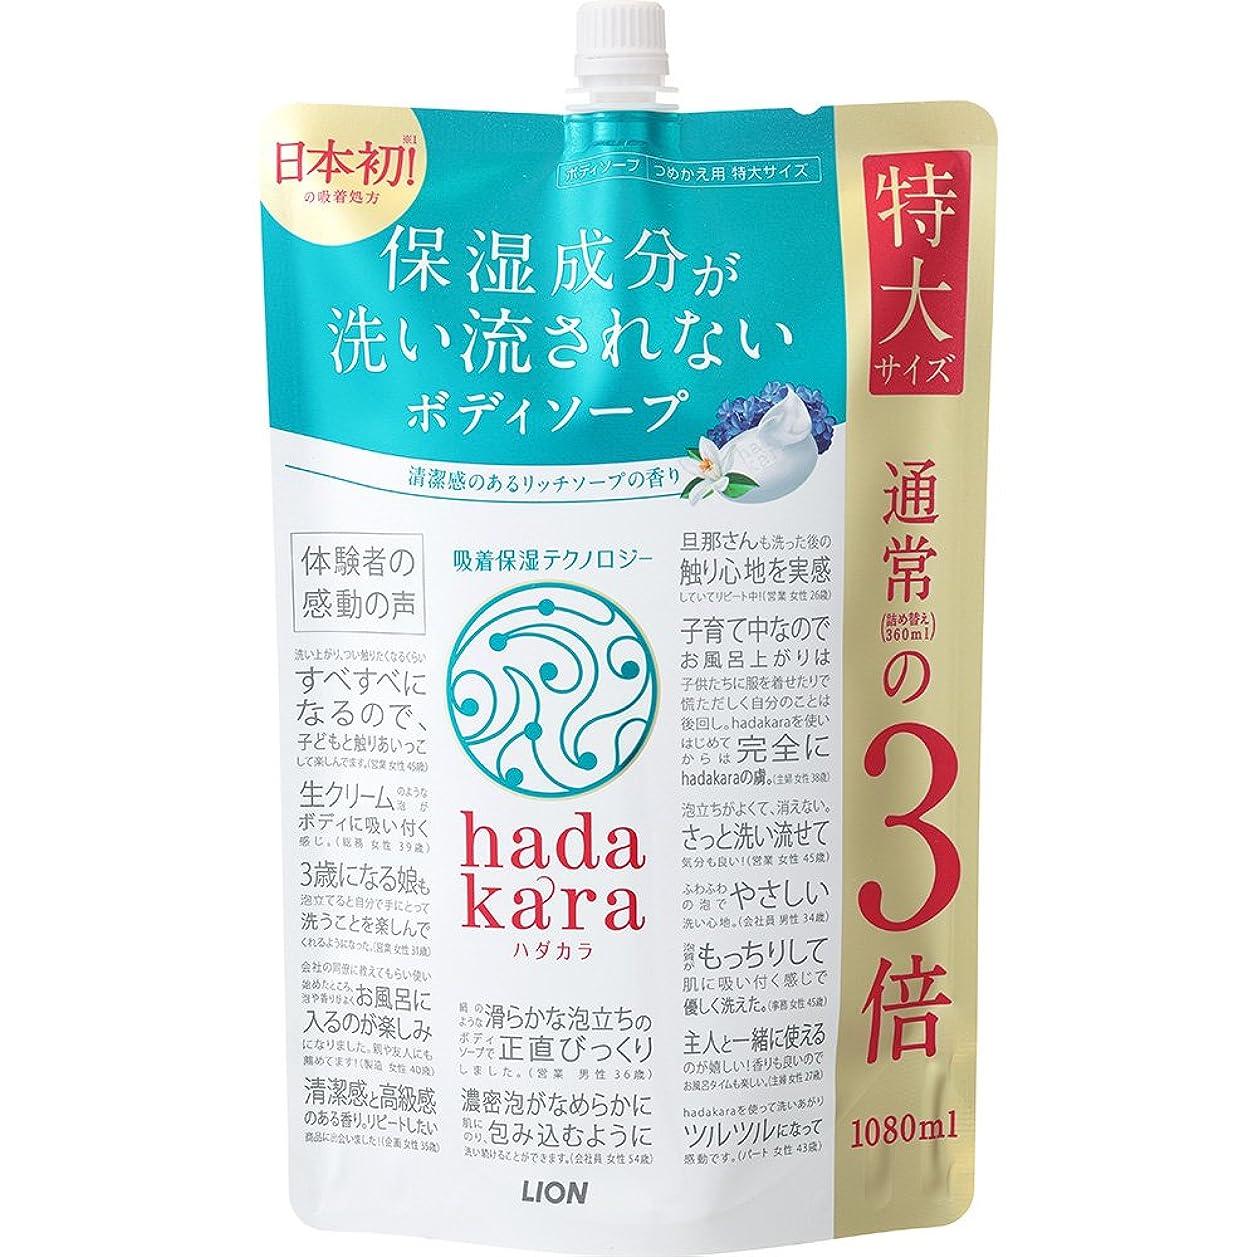 塩折る装置【大容量】hadakara(ハダカラ) ボディソープ リッチソープの香り 詰め替え 特大 1080ml